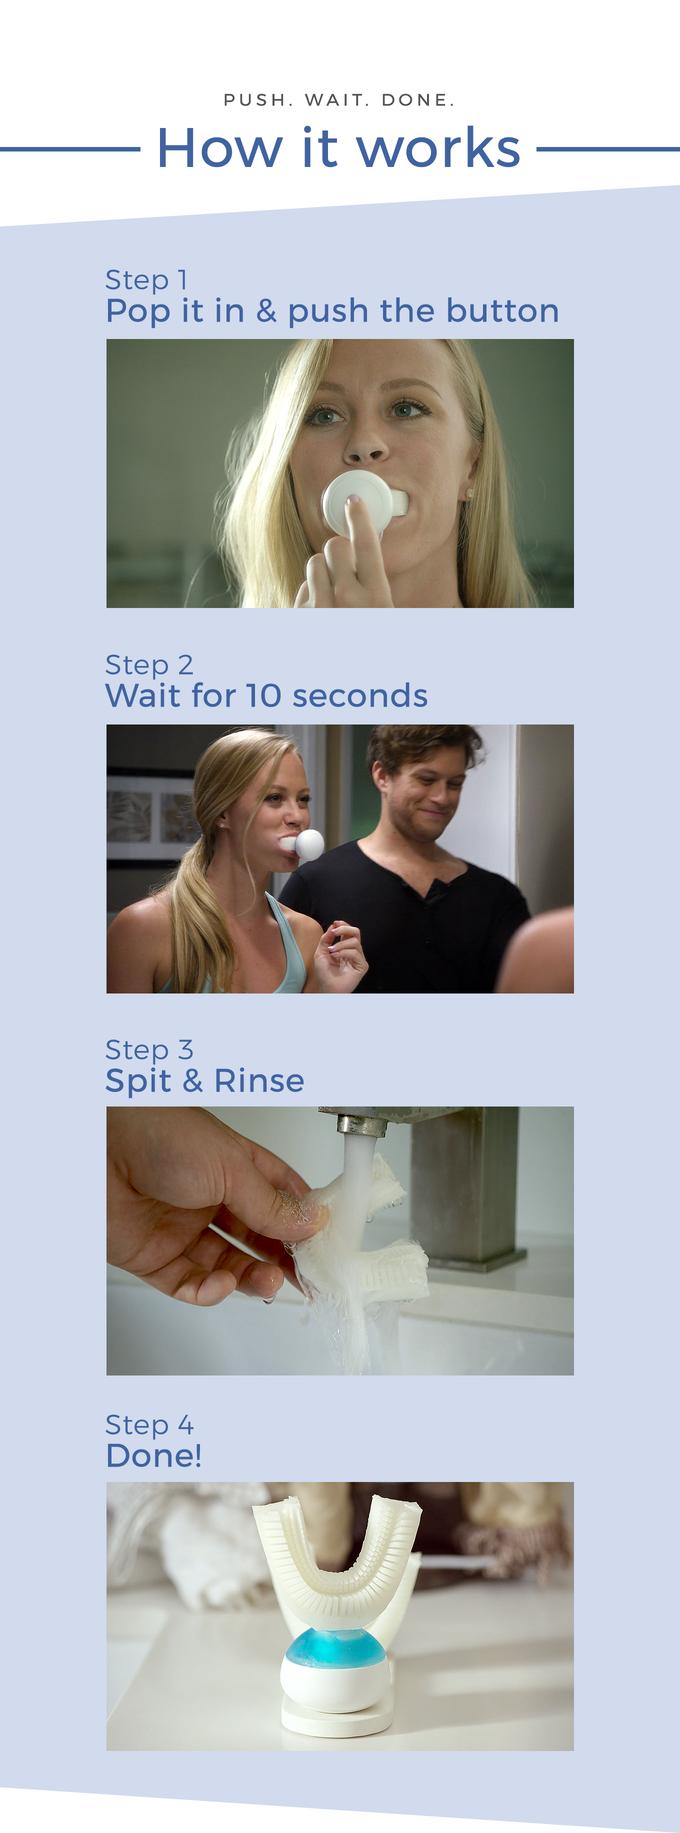 不是懒惰、是效率!Amabrush让你10秒钟搞定刷牙事